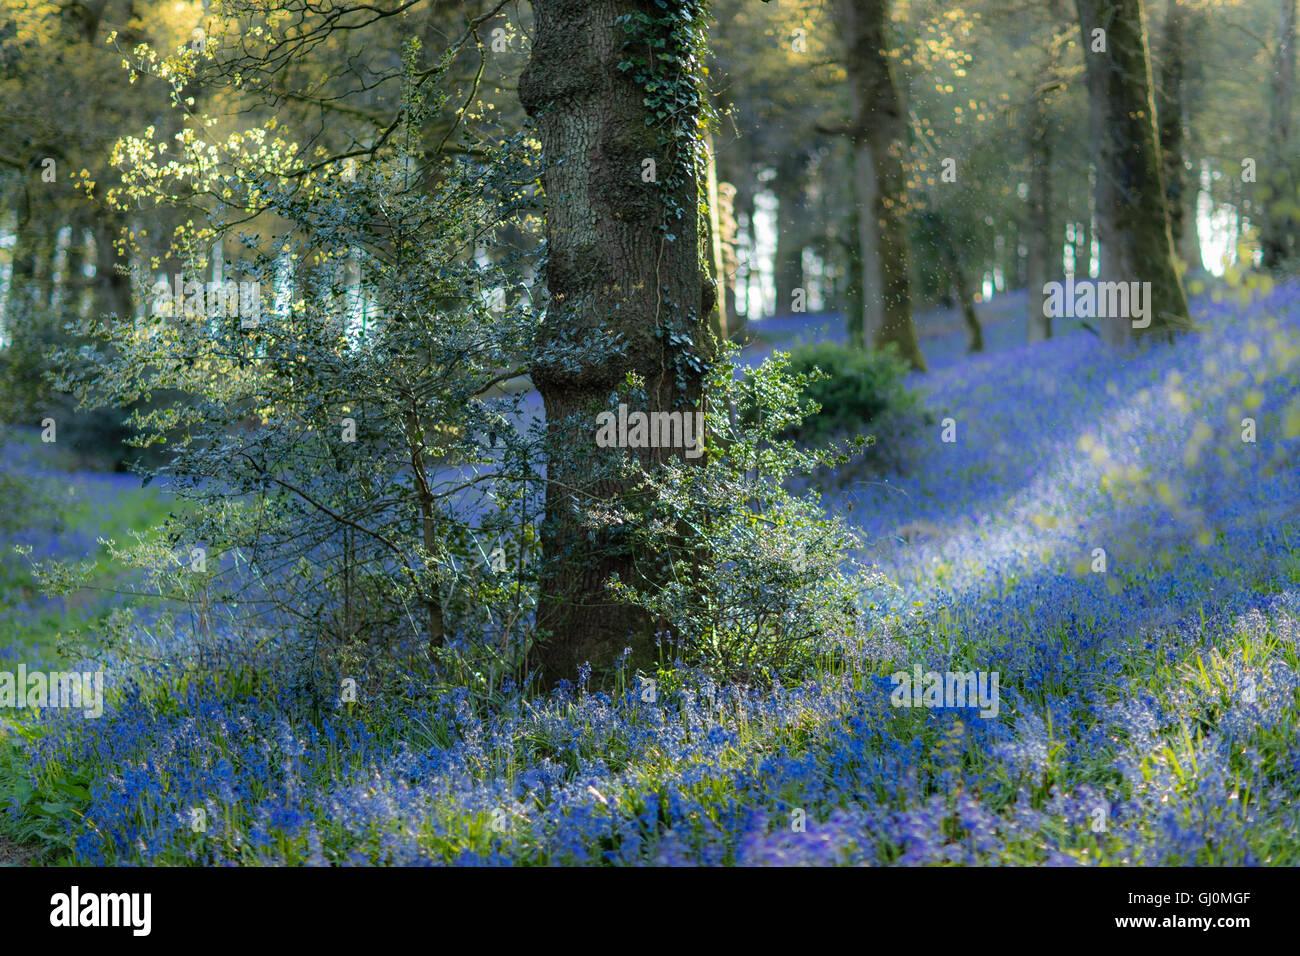 Jacinthes dans les bois près de Minterne Magna, Dorset, Angleterre Photo Stock